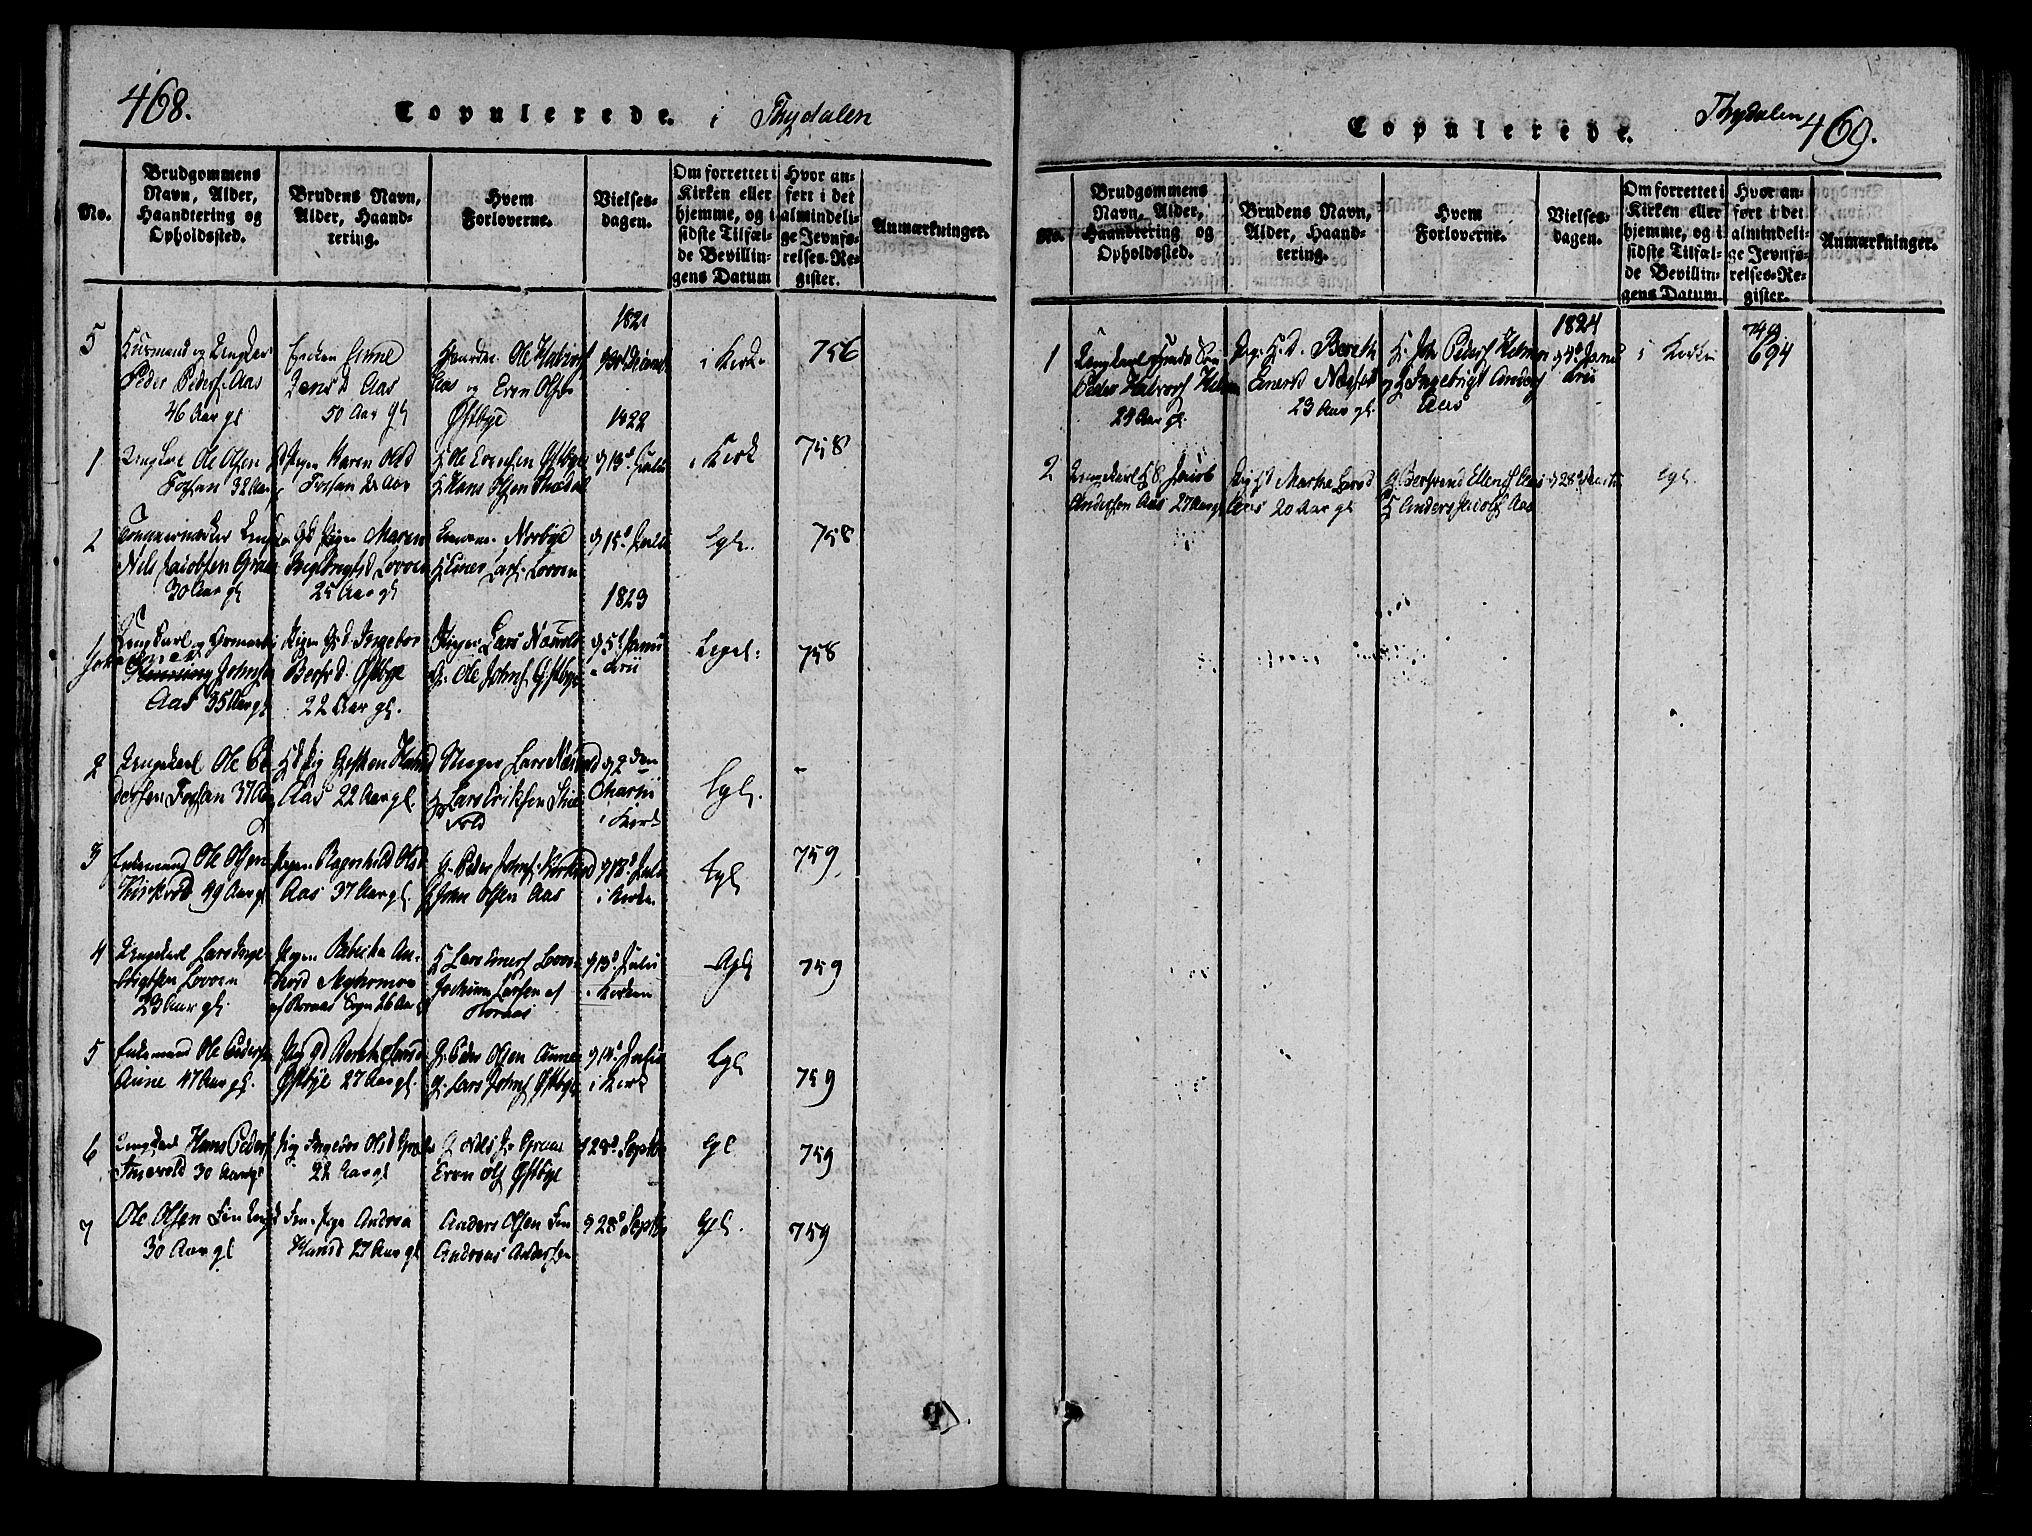 SAT, Ministerialprotokoller, klokkerbøker og fødselsregistre - Sør-Trøndelag, 695/L1142: Ministerialbok nr. 695A04 /2, 1816-1824, s. 468-469